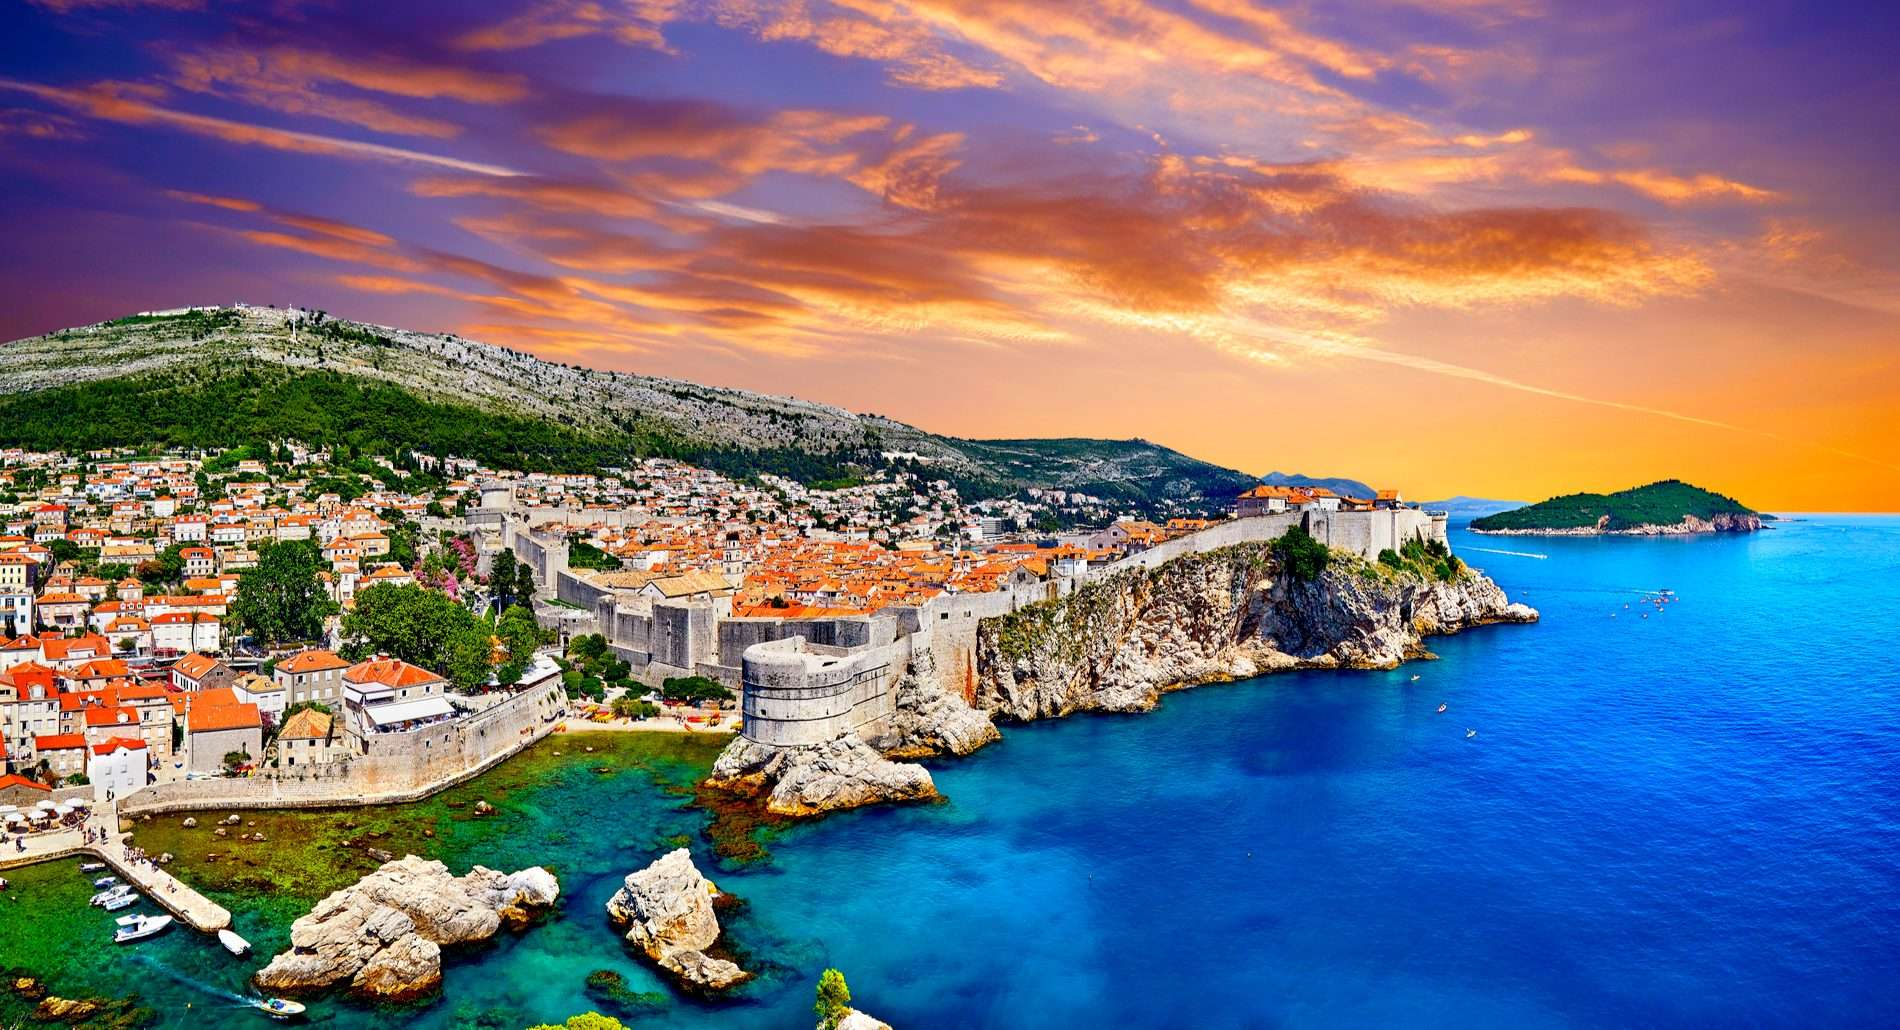 Dalmatia by Bike and Boat, cycling in Croatia, Croatia cycling holiday, Dalmatia by bike